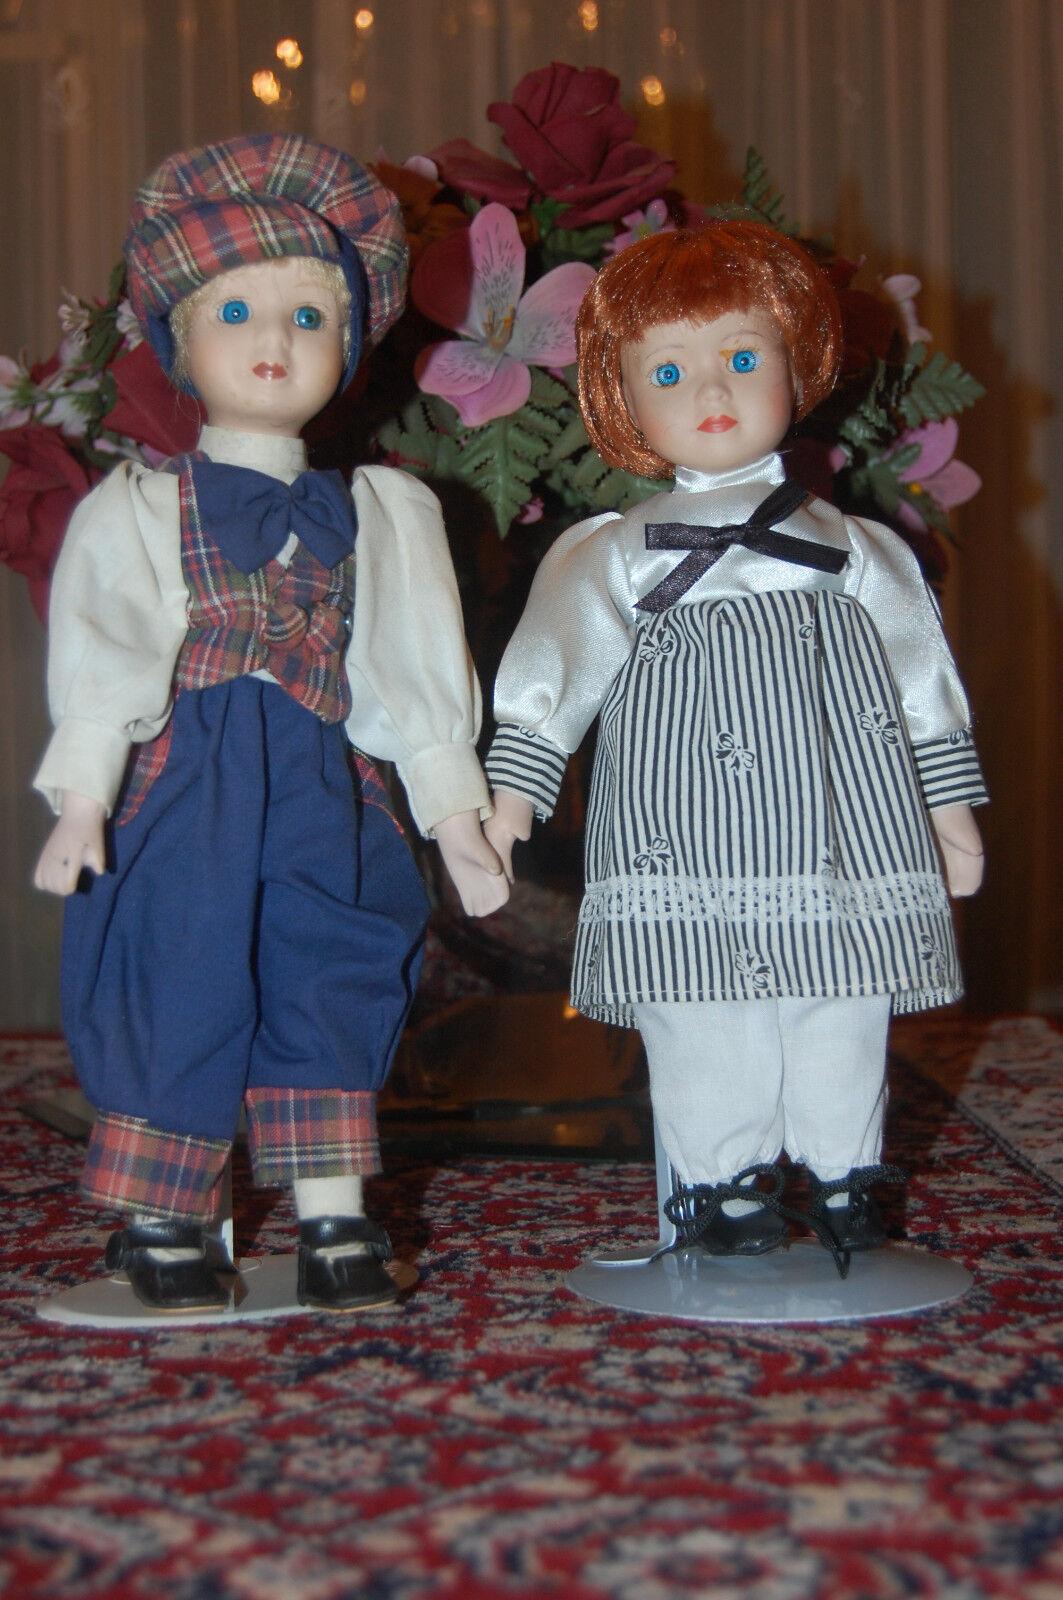 Vintage De Colección Muñeca De Porcelana Boy & Girl Conjunto de 30 Cm